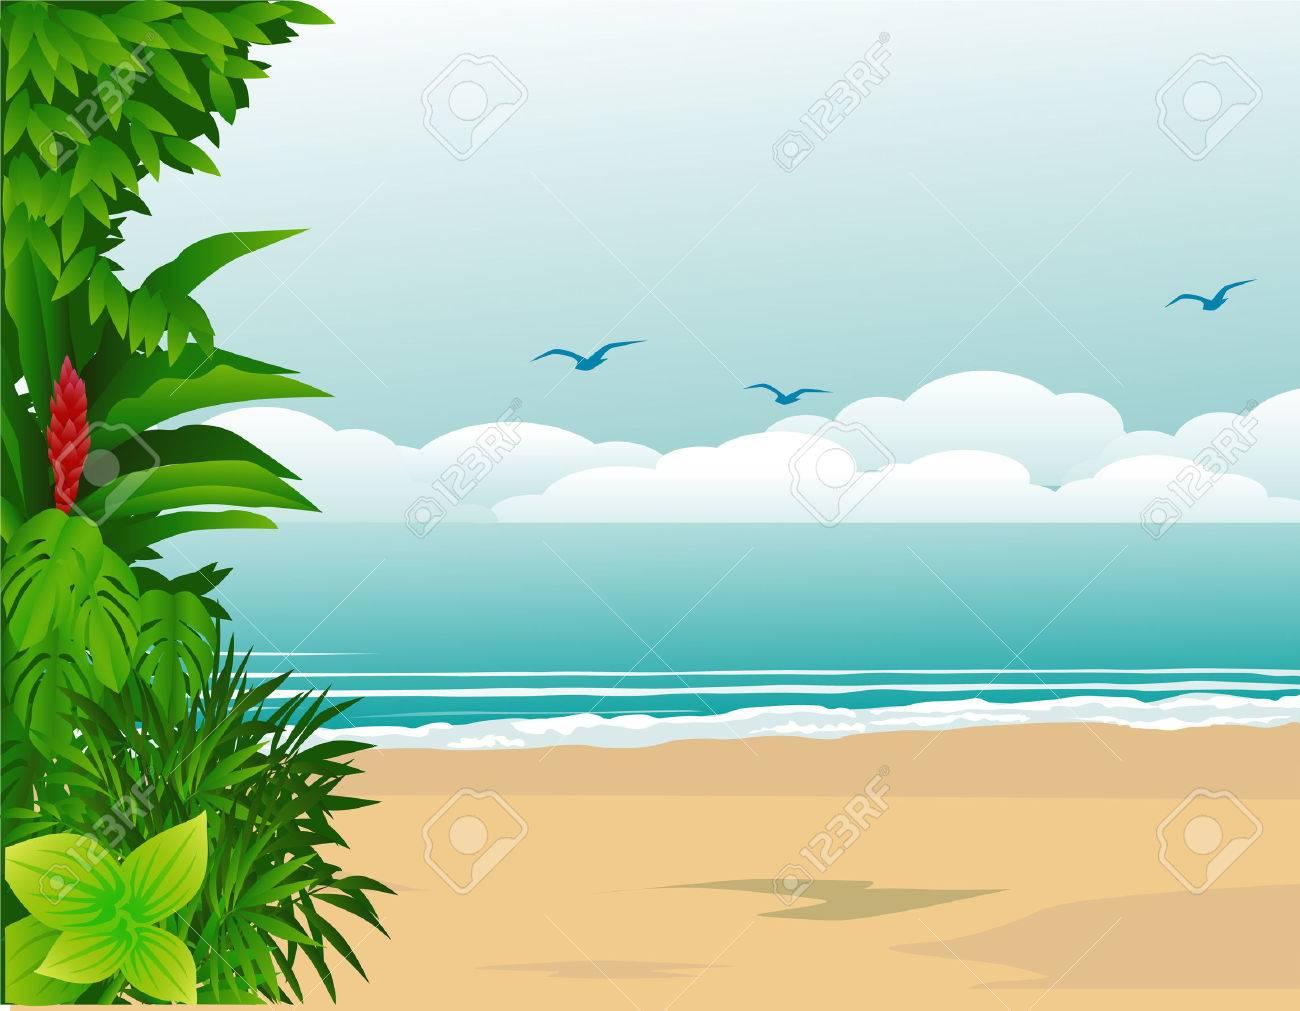 Tropical beach Stock Vector - 6619700